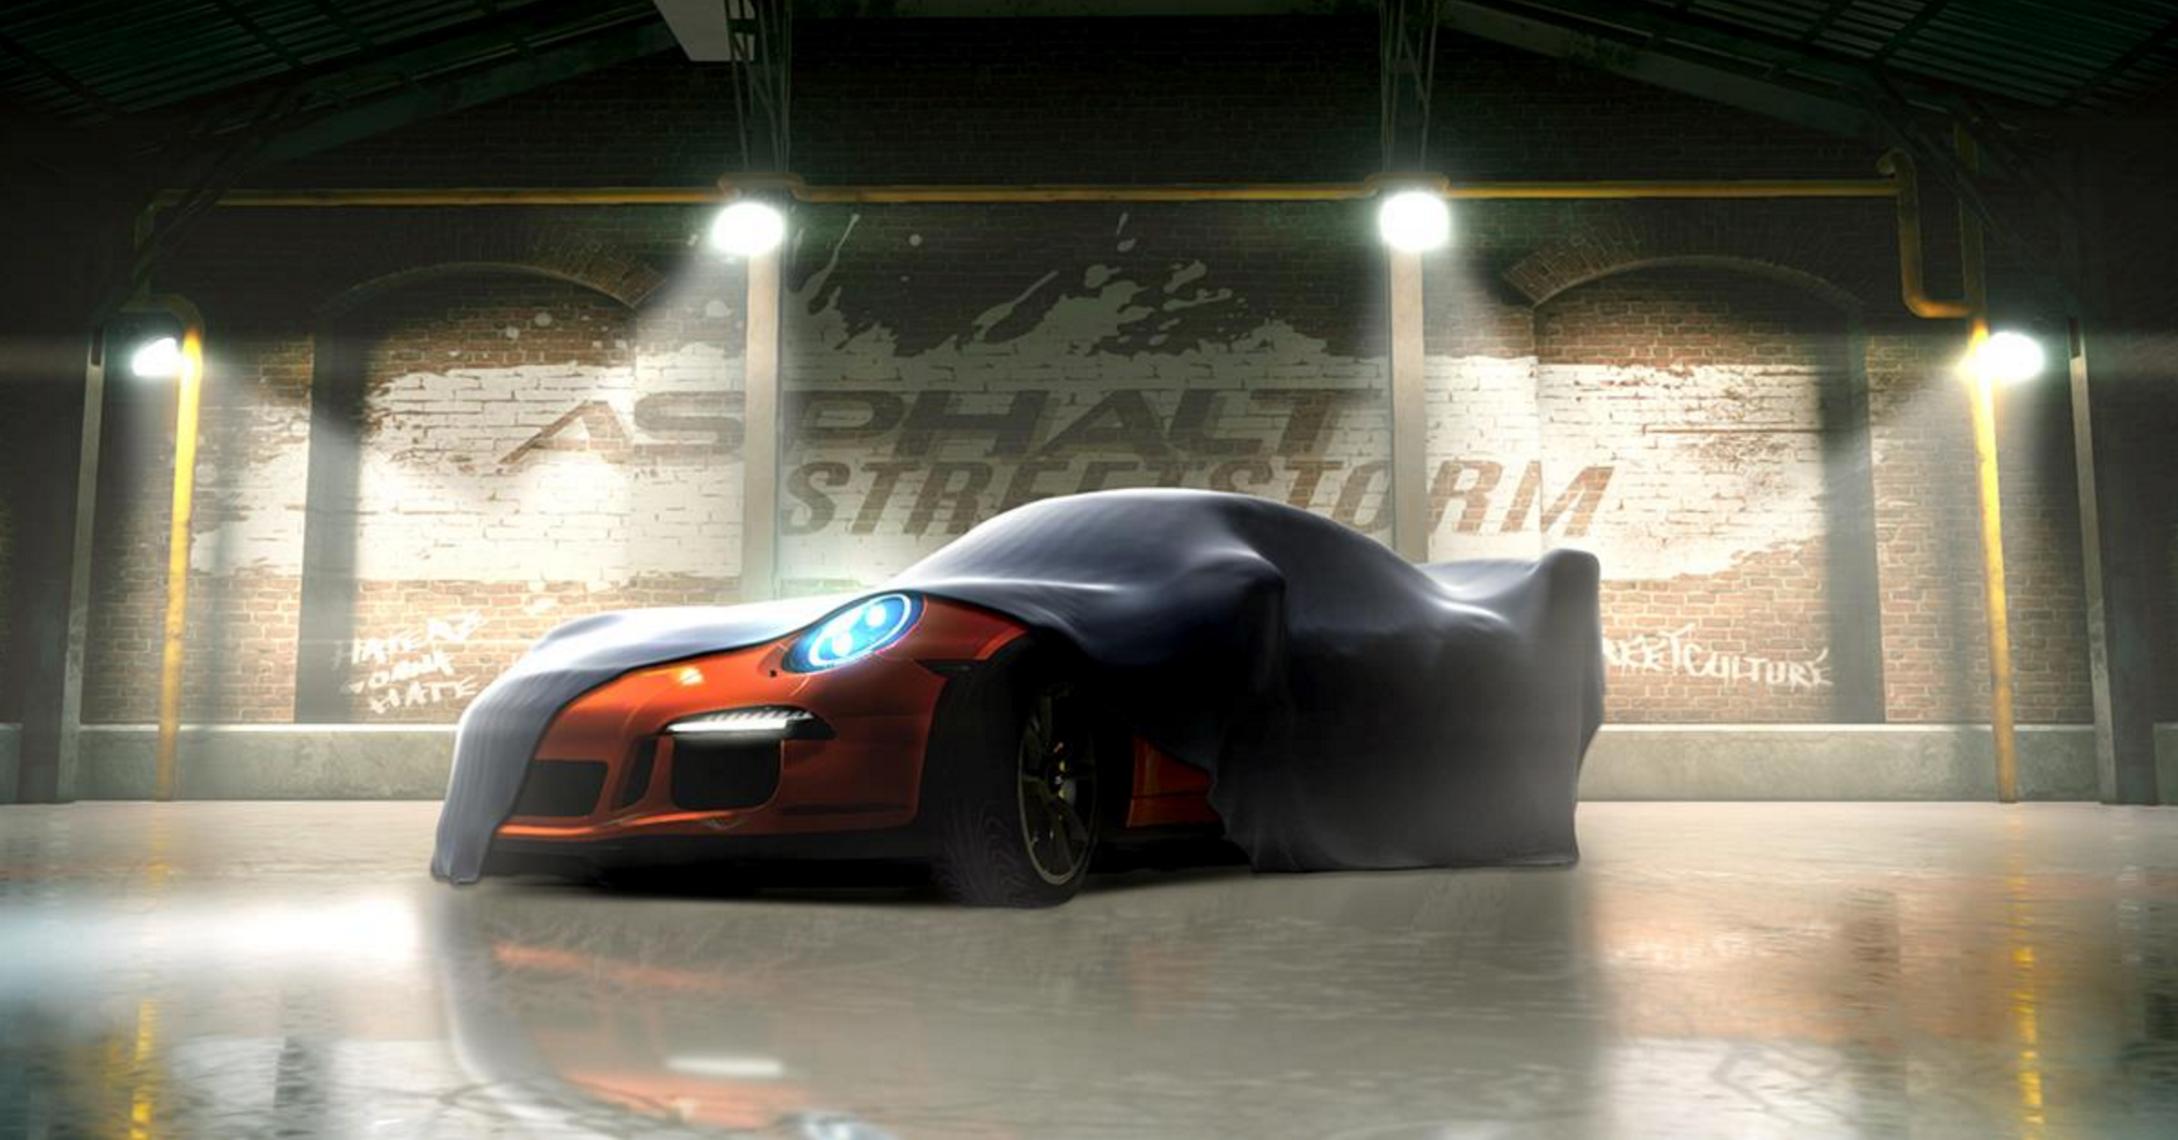 Asphalt Street Storm Racing Porsche Update | Asphalt Wiki | FANDOM ...